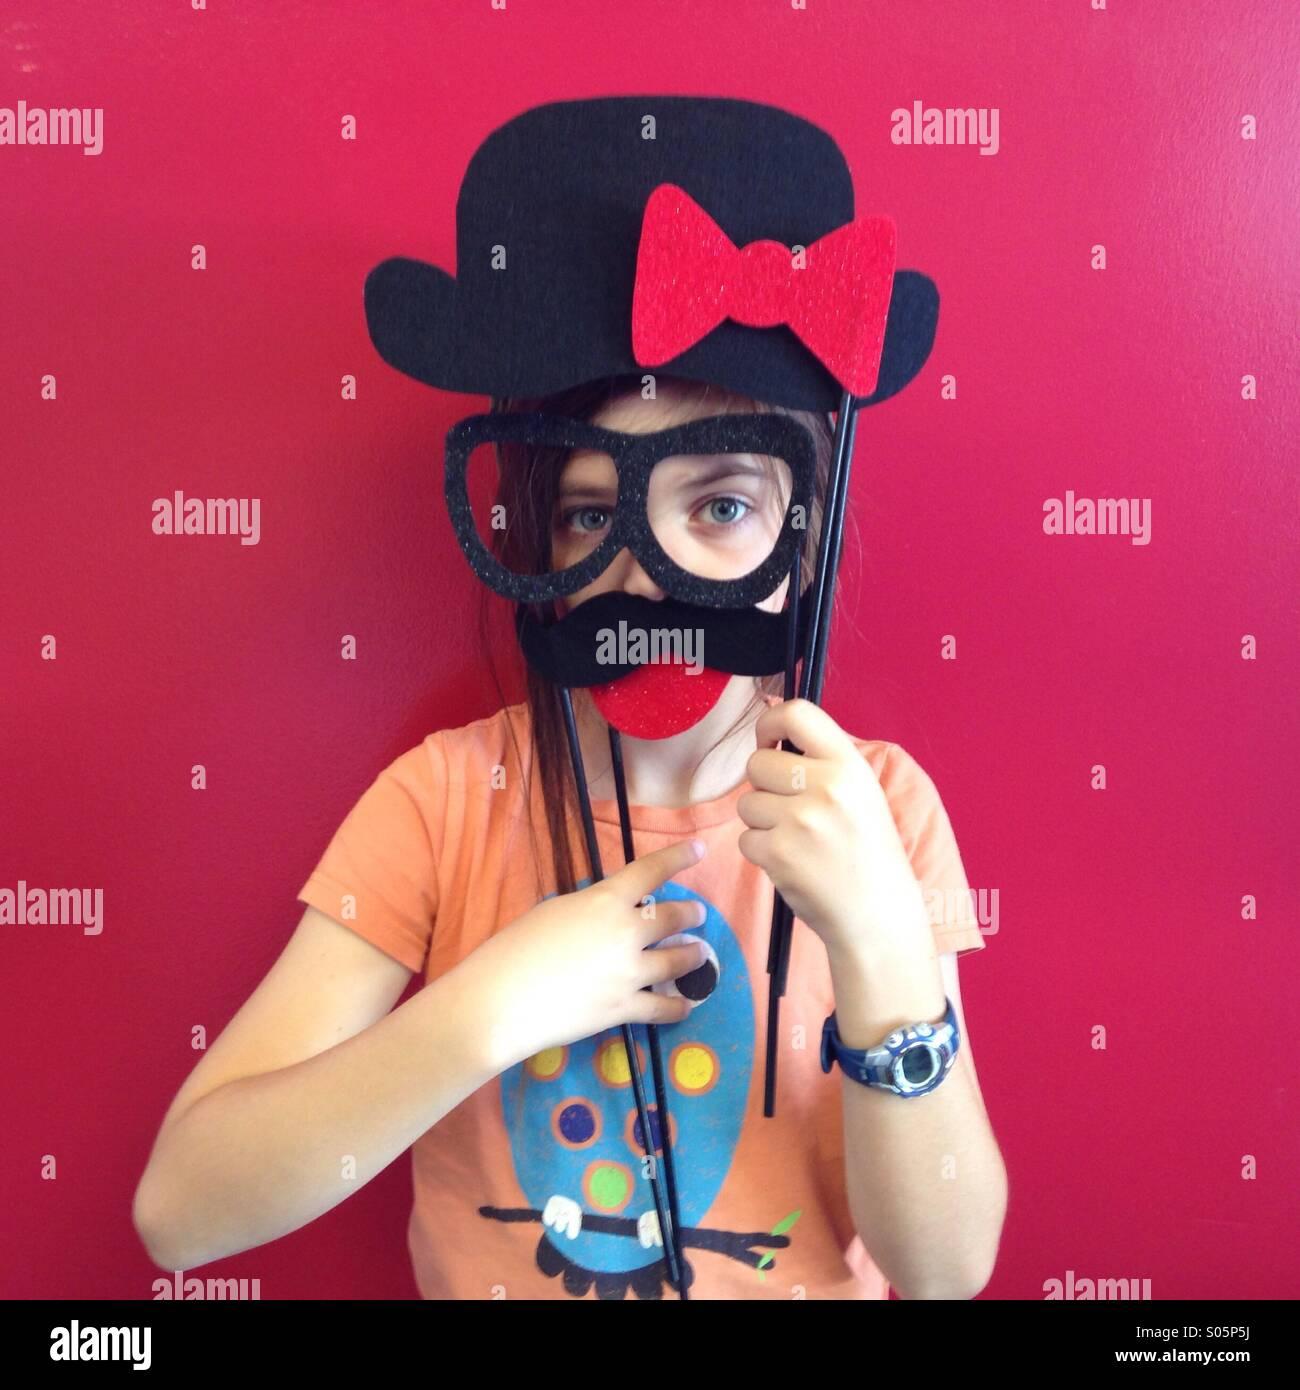 Disparatado kid usa óculos falsos e um bigode contra um muro vermelho. Imagens de Stock